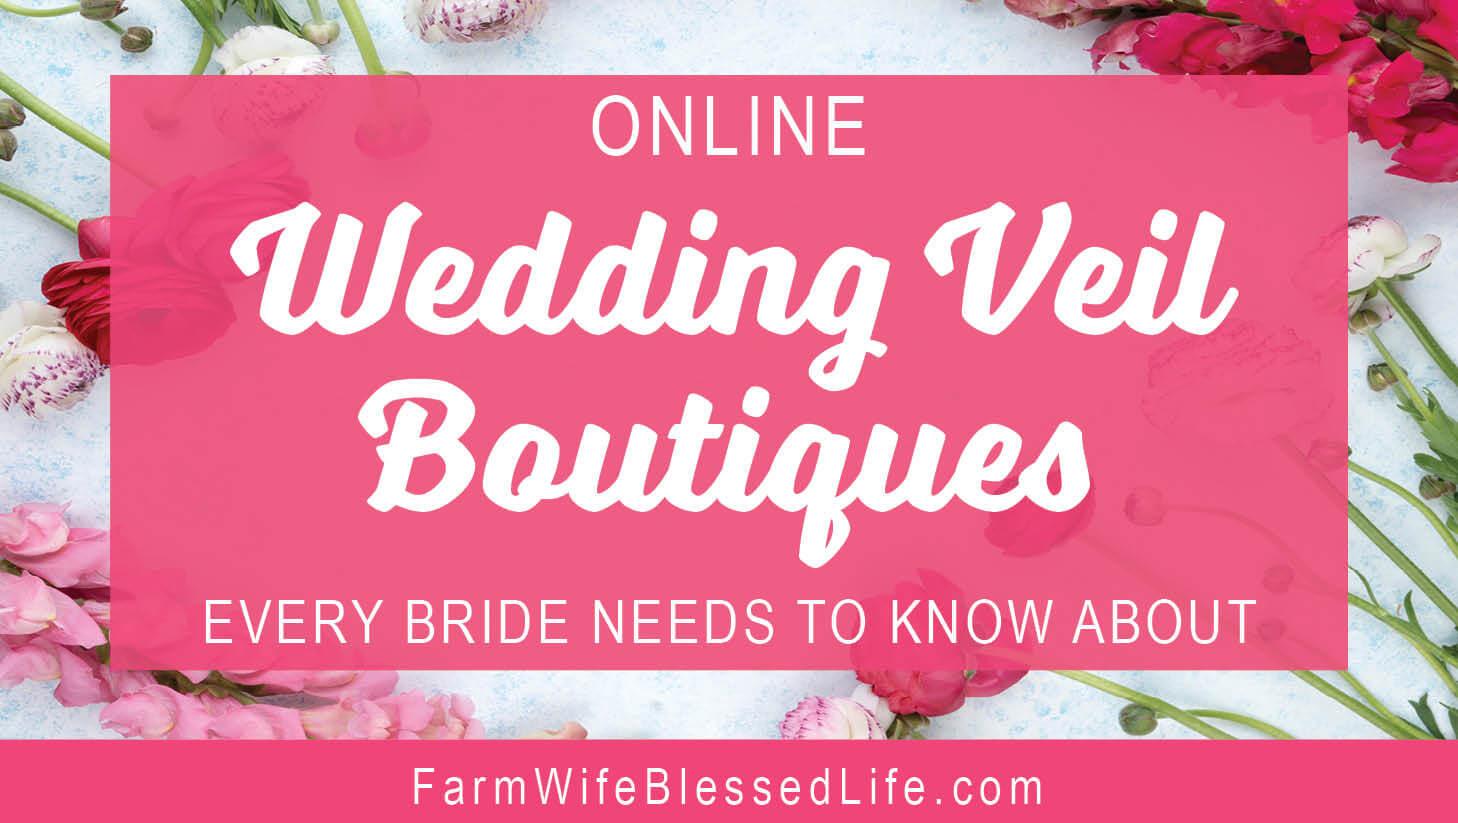 Online Wedding Veil Boutiques